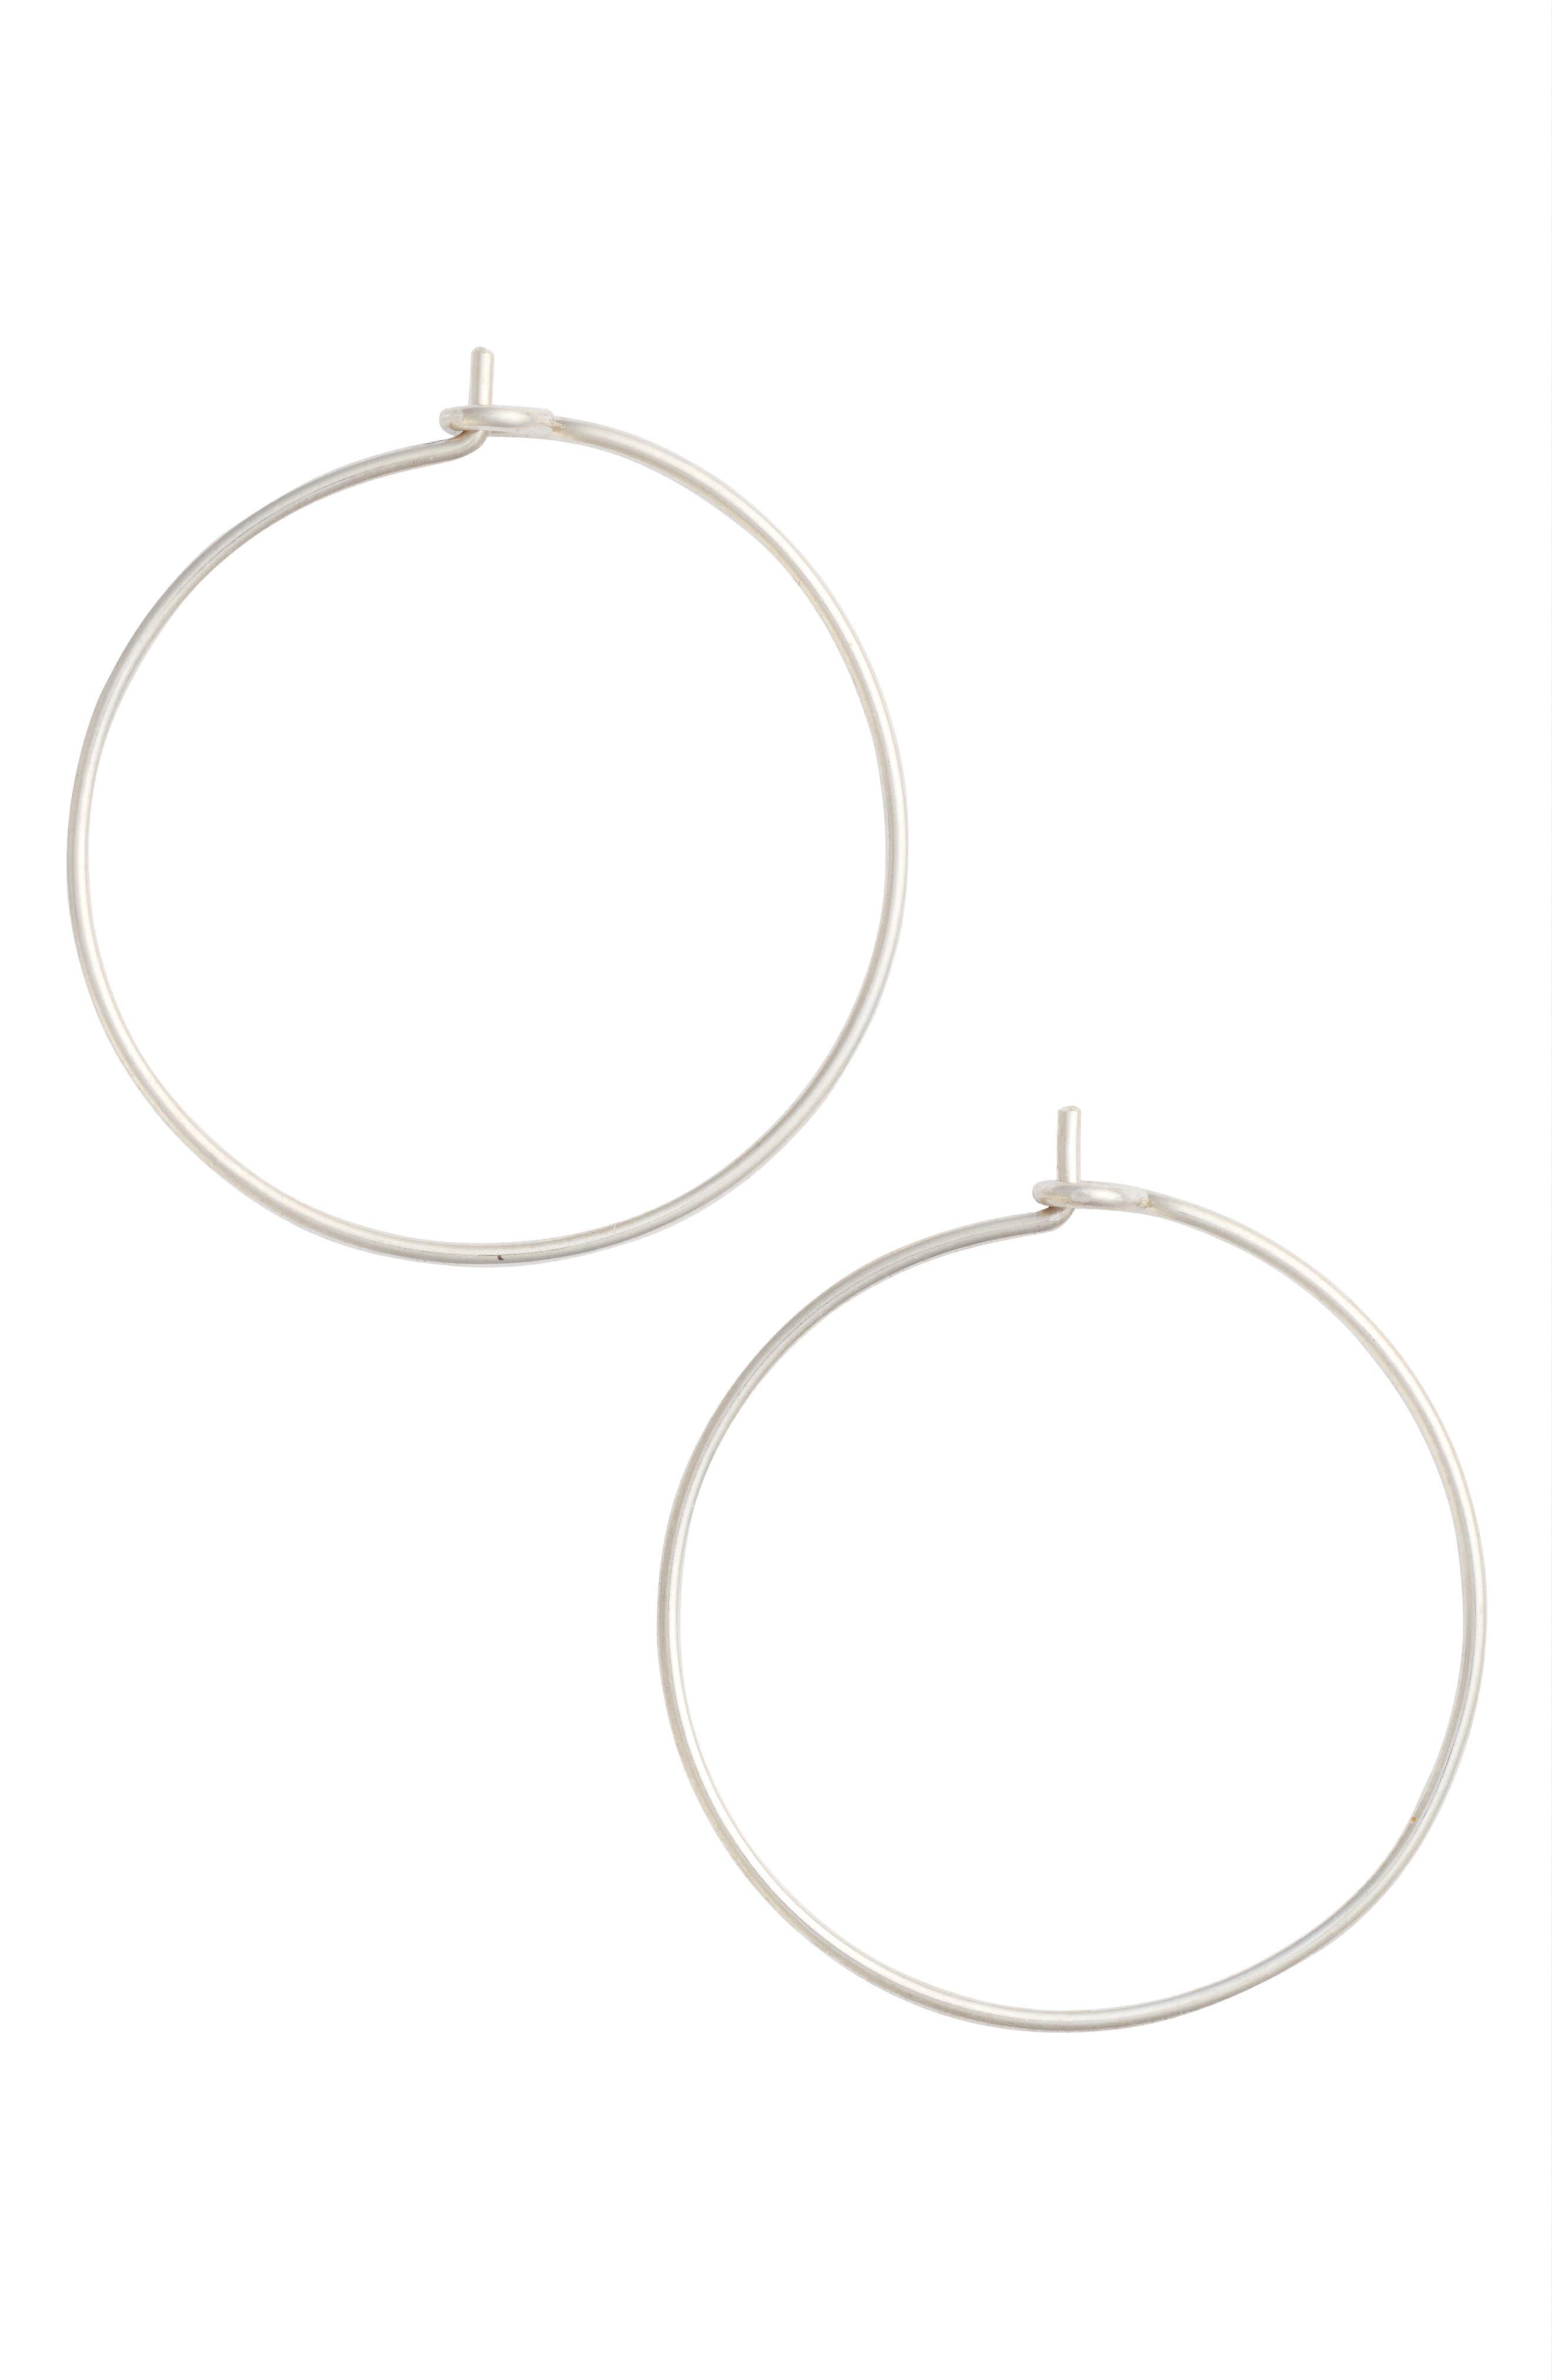 Medium Pure Hoop Earrings,                             Main thumbnail 1, color,                             Silver